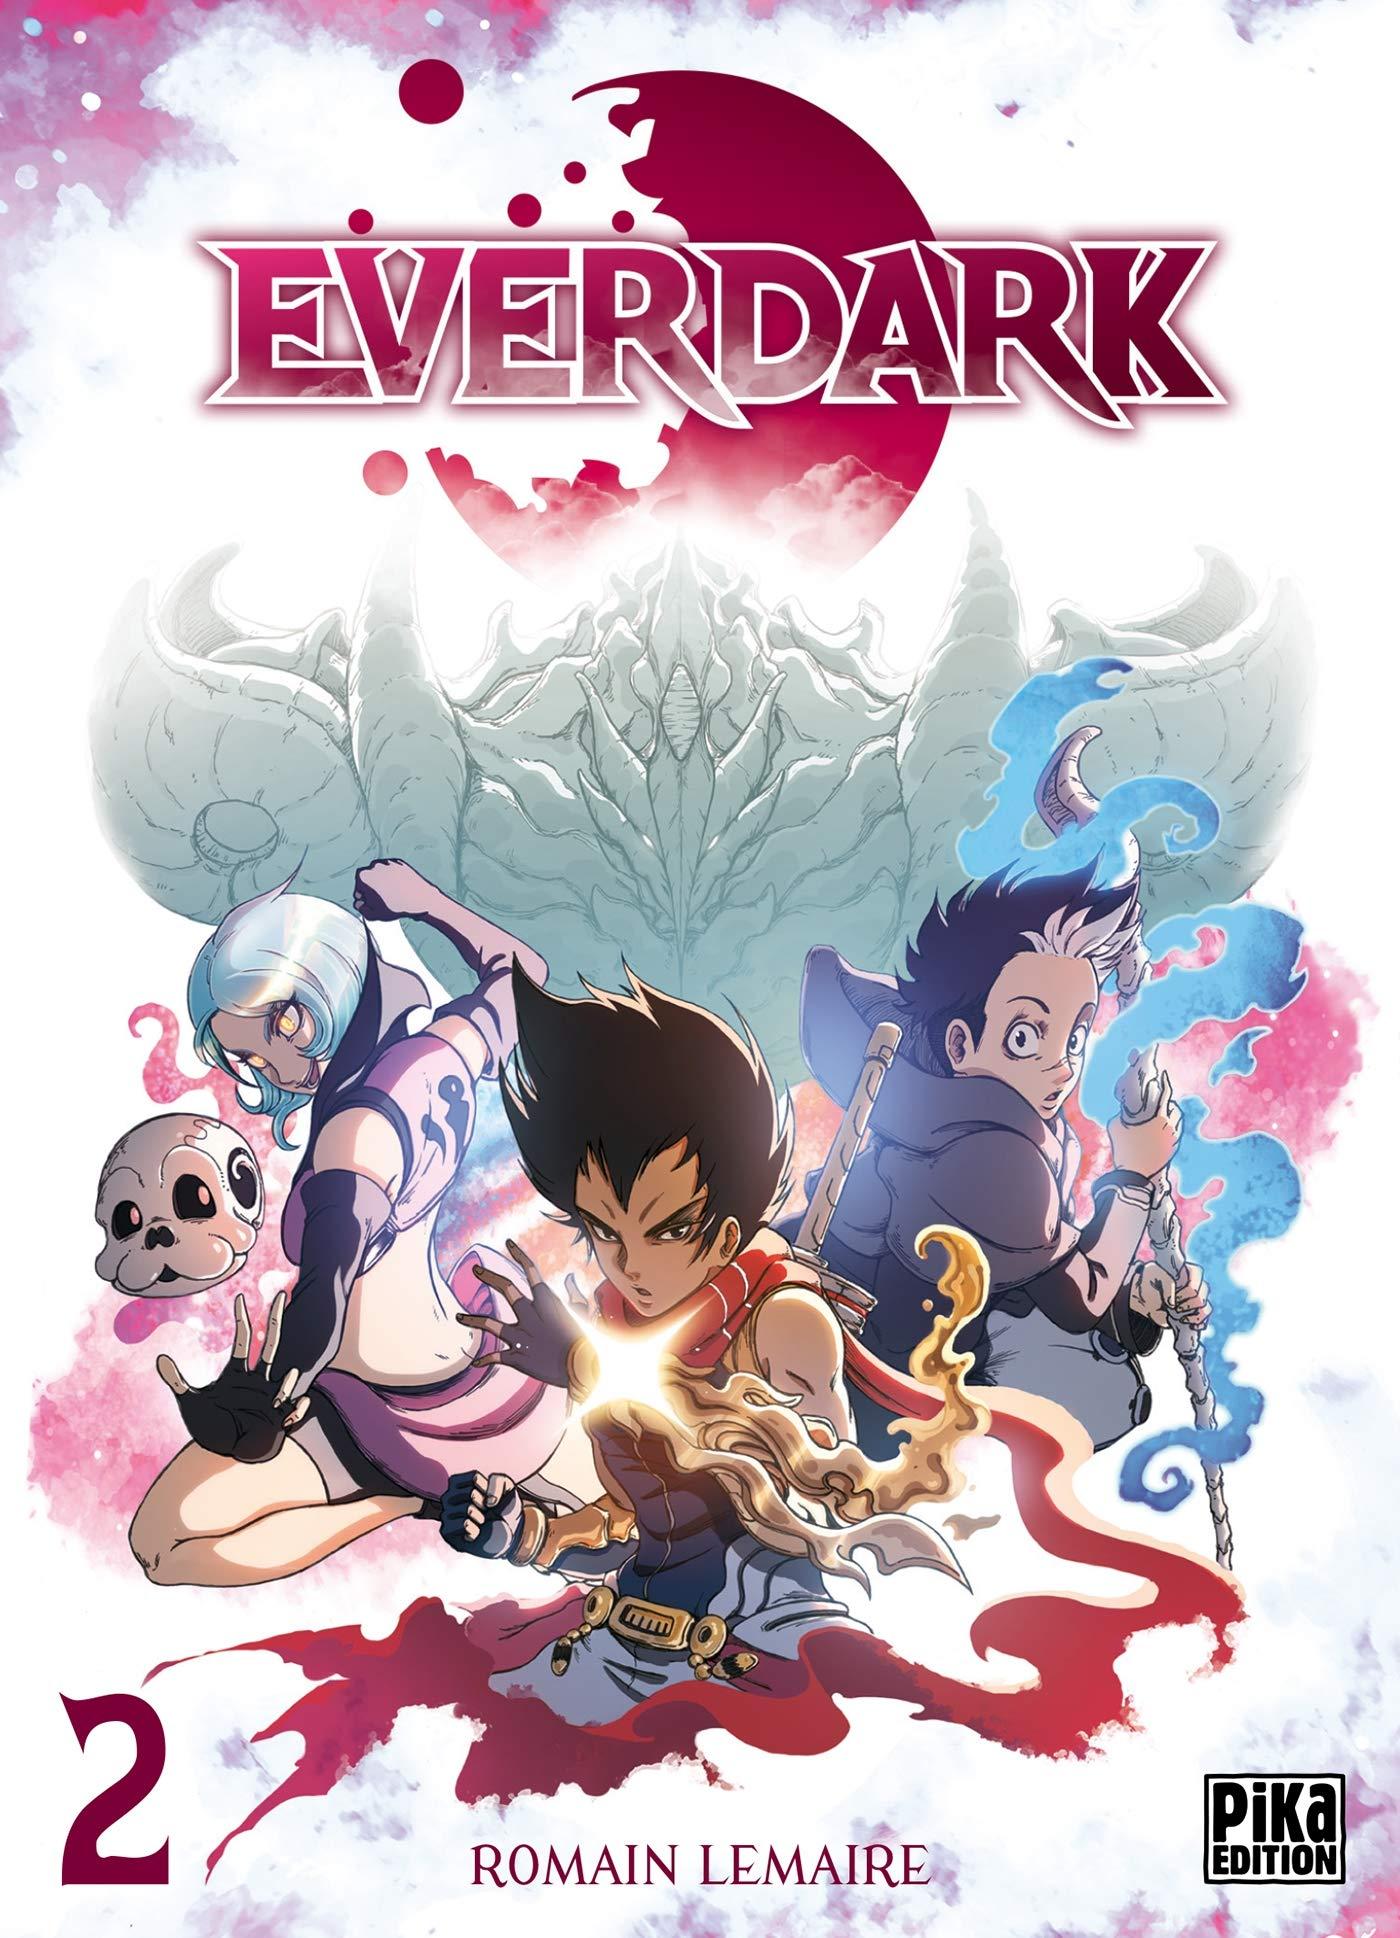 Everdark 2